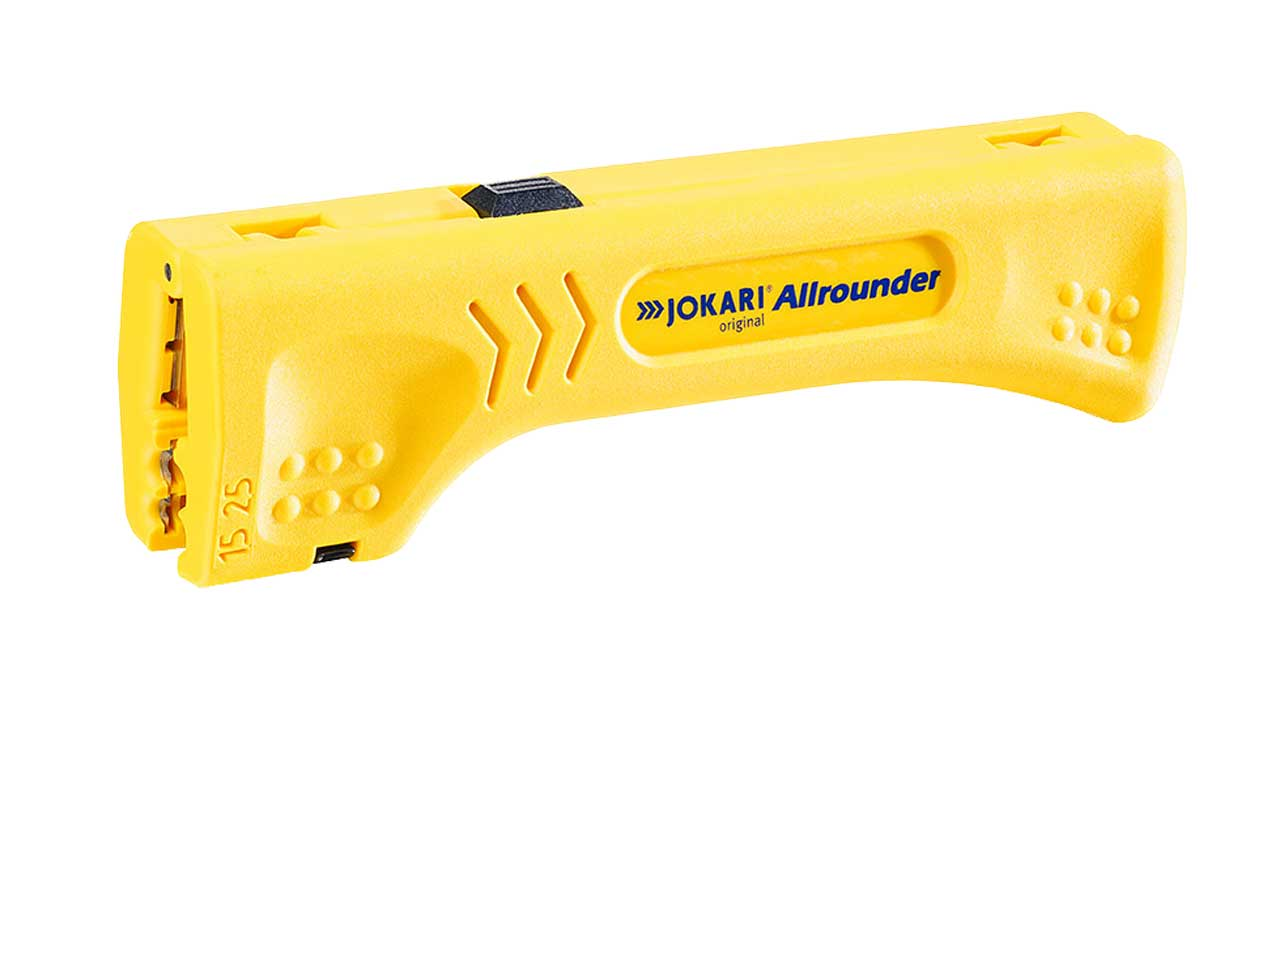 Jokari JOK30900 Allrounder Wire Stripper 4-15mm